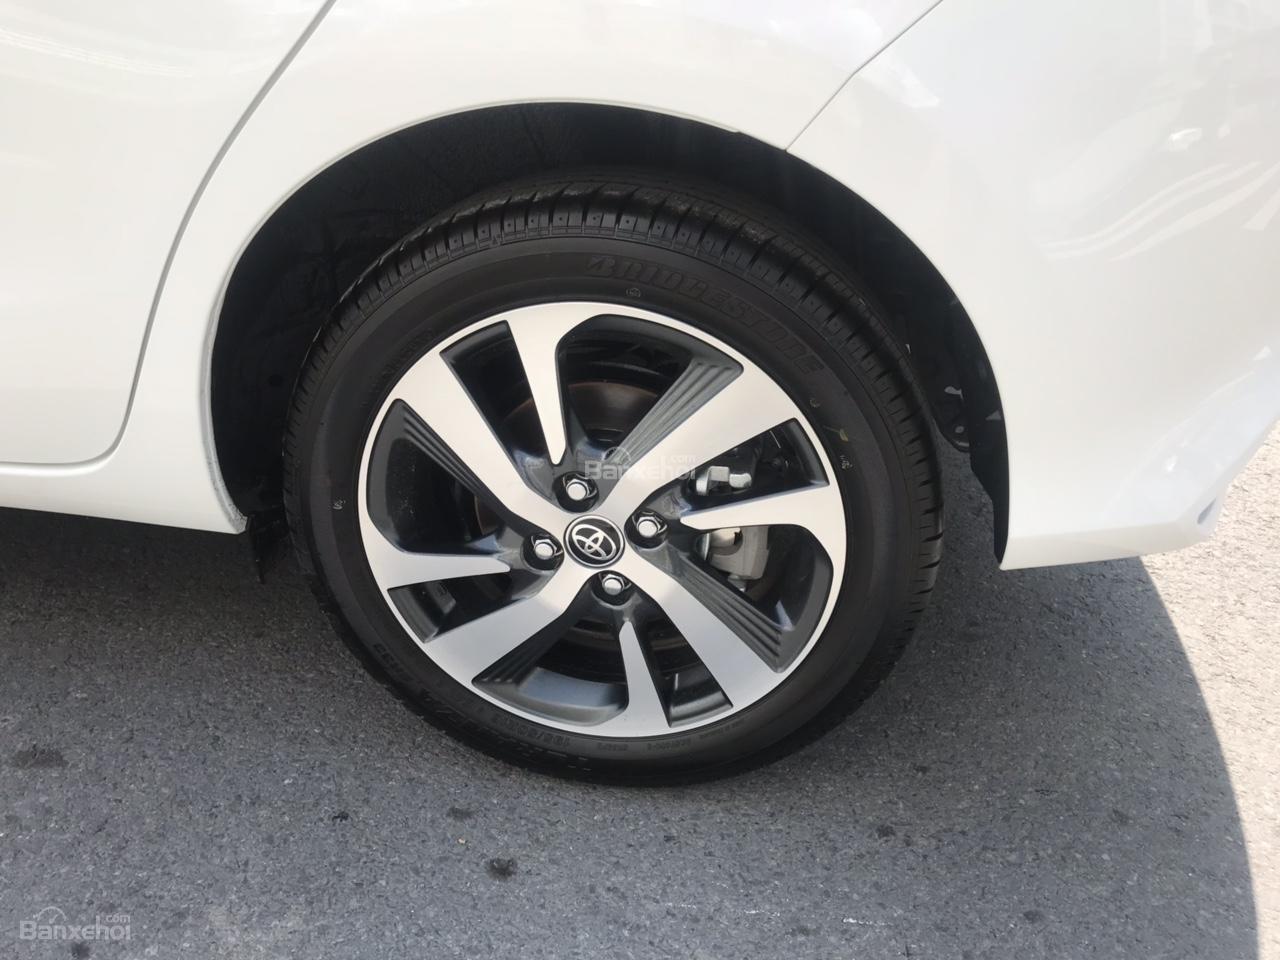 Bán Toyota Yaris nhập khẩu Thái Lan - Giá ưu đãi, xe giao ngay đủ màu, liên hệ 0902.1717.20 nhận ngay ưu đãi-6